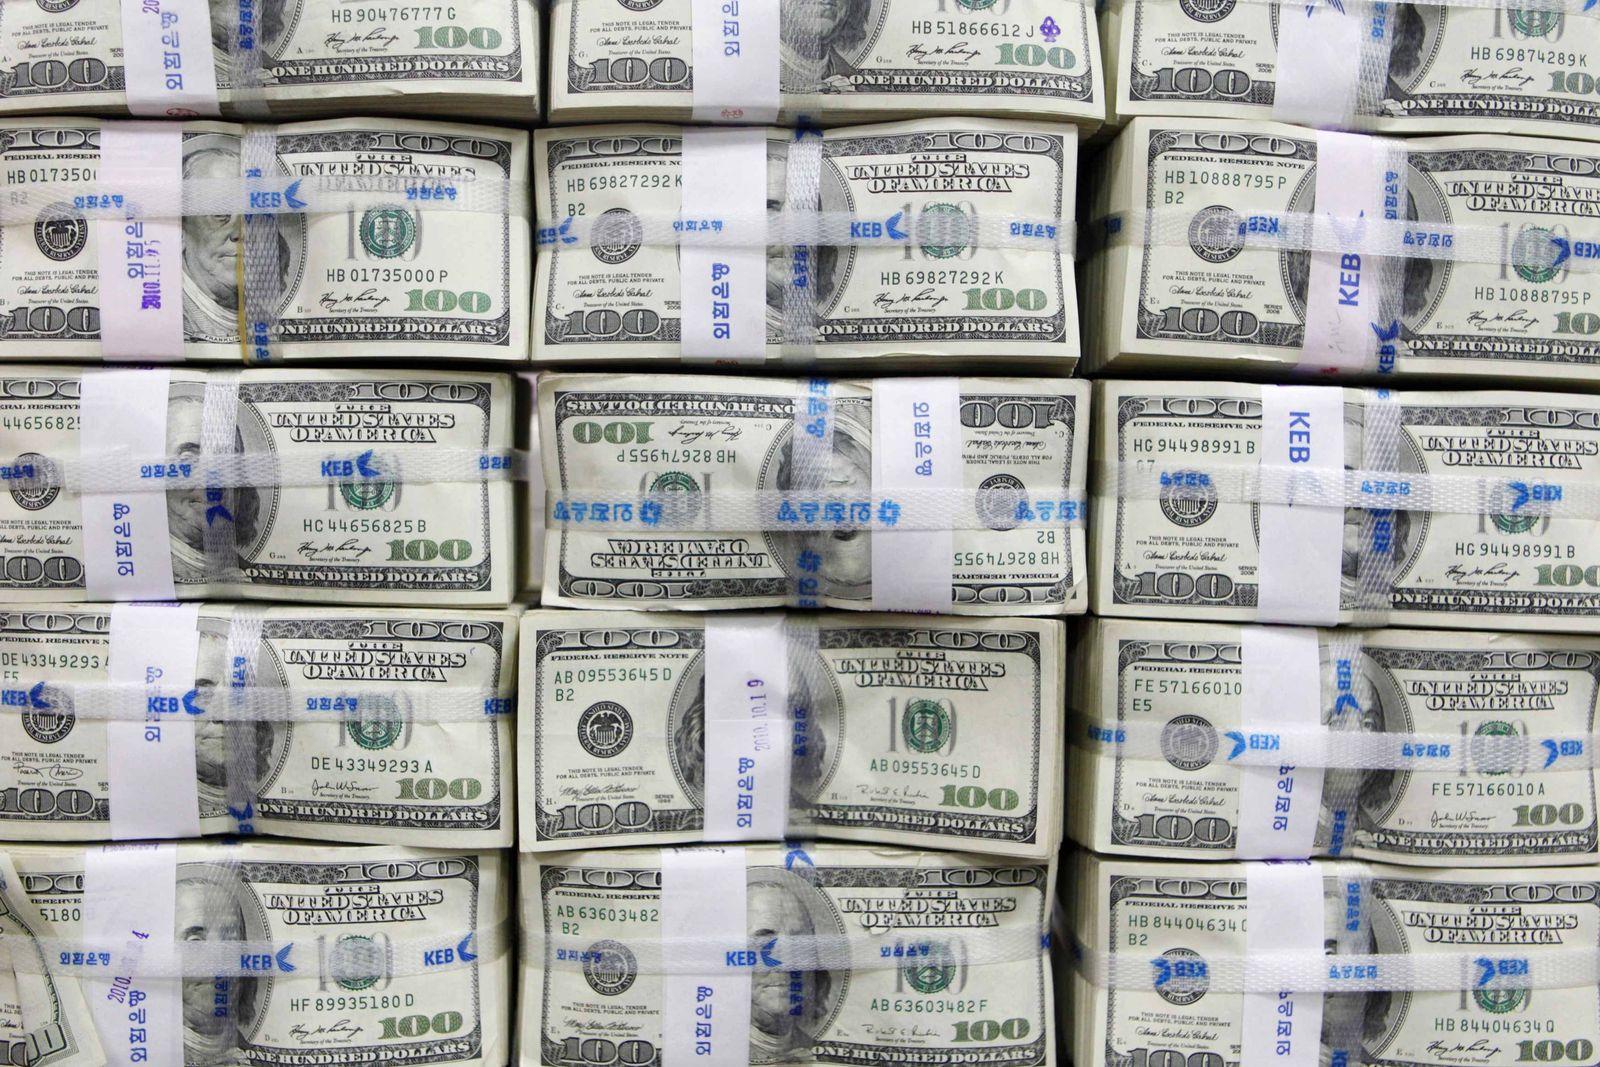 USA-DEBT/DEAL